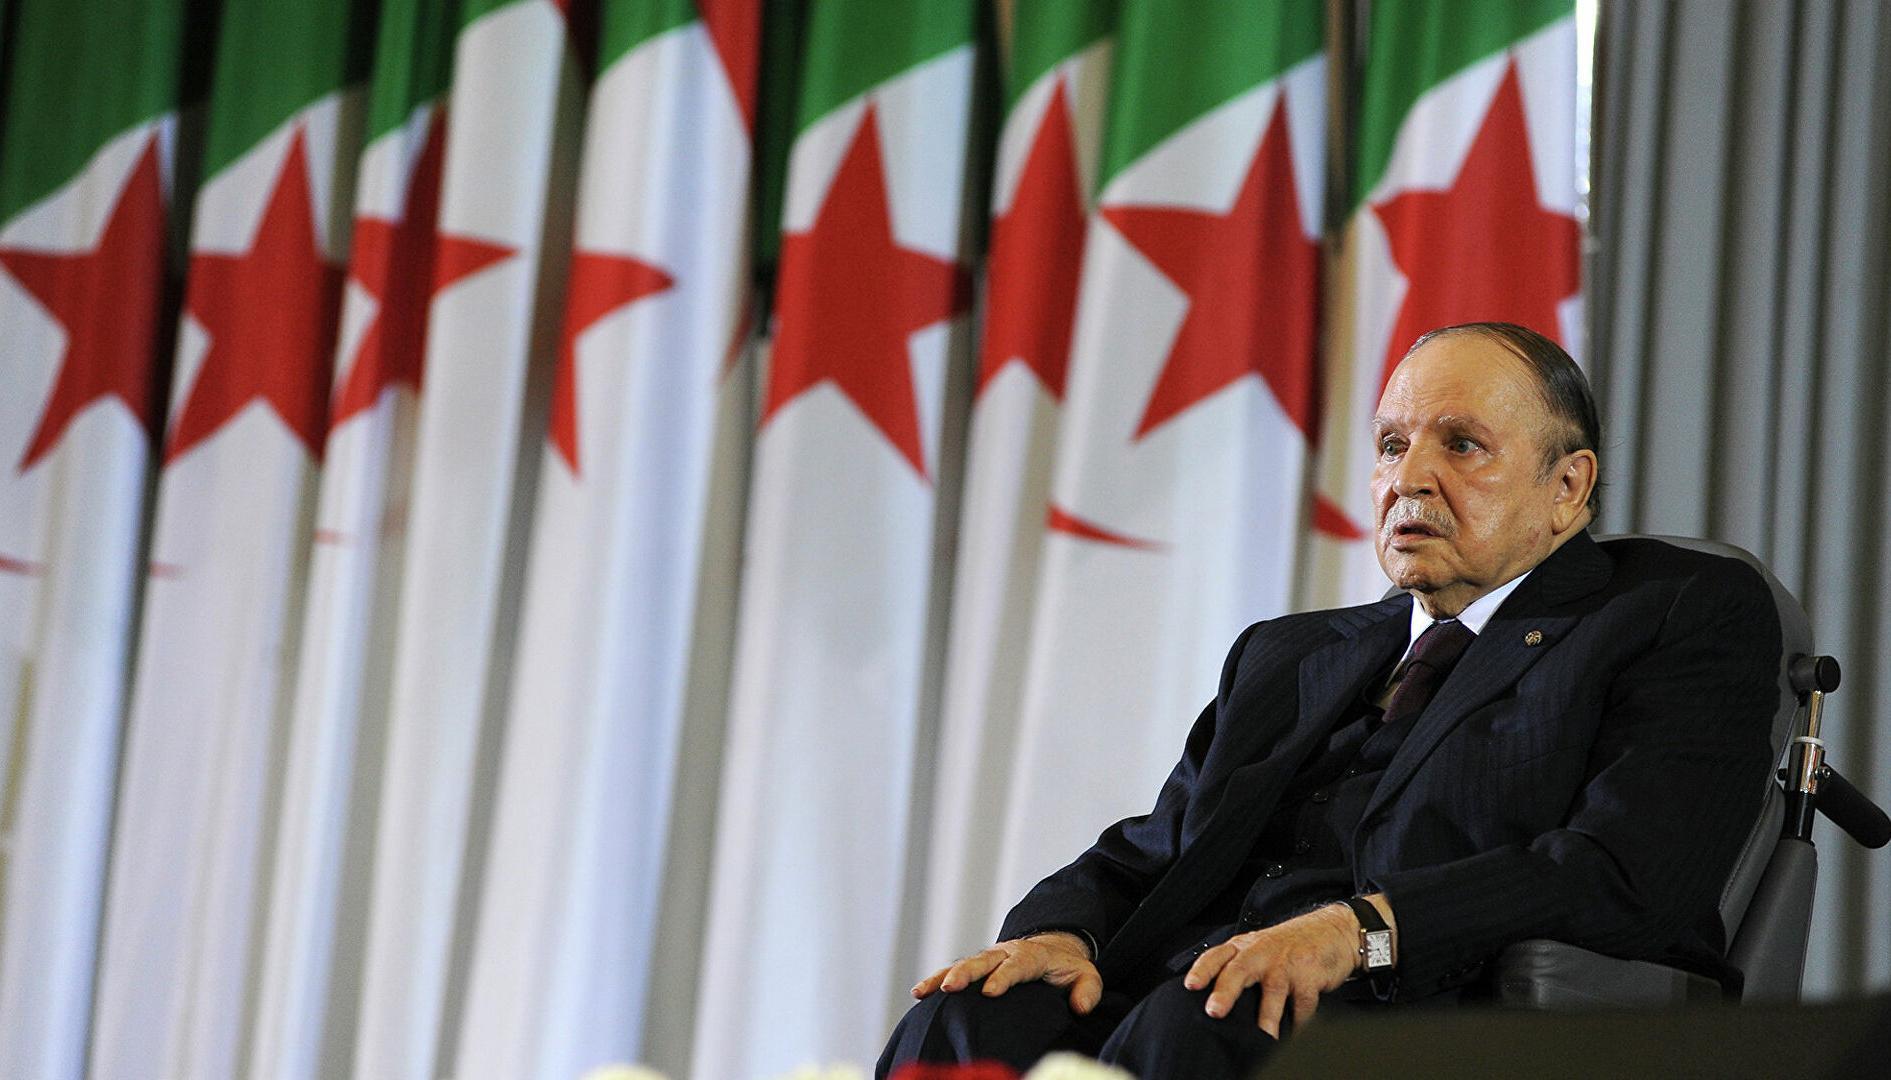 Скончался экс-президент Алжира Абдель Бутефлика poster image